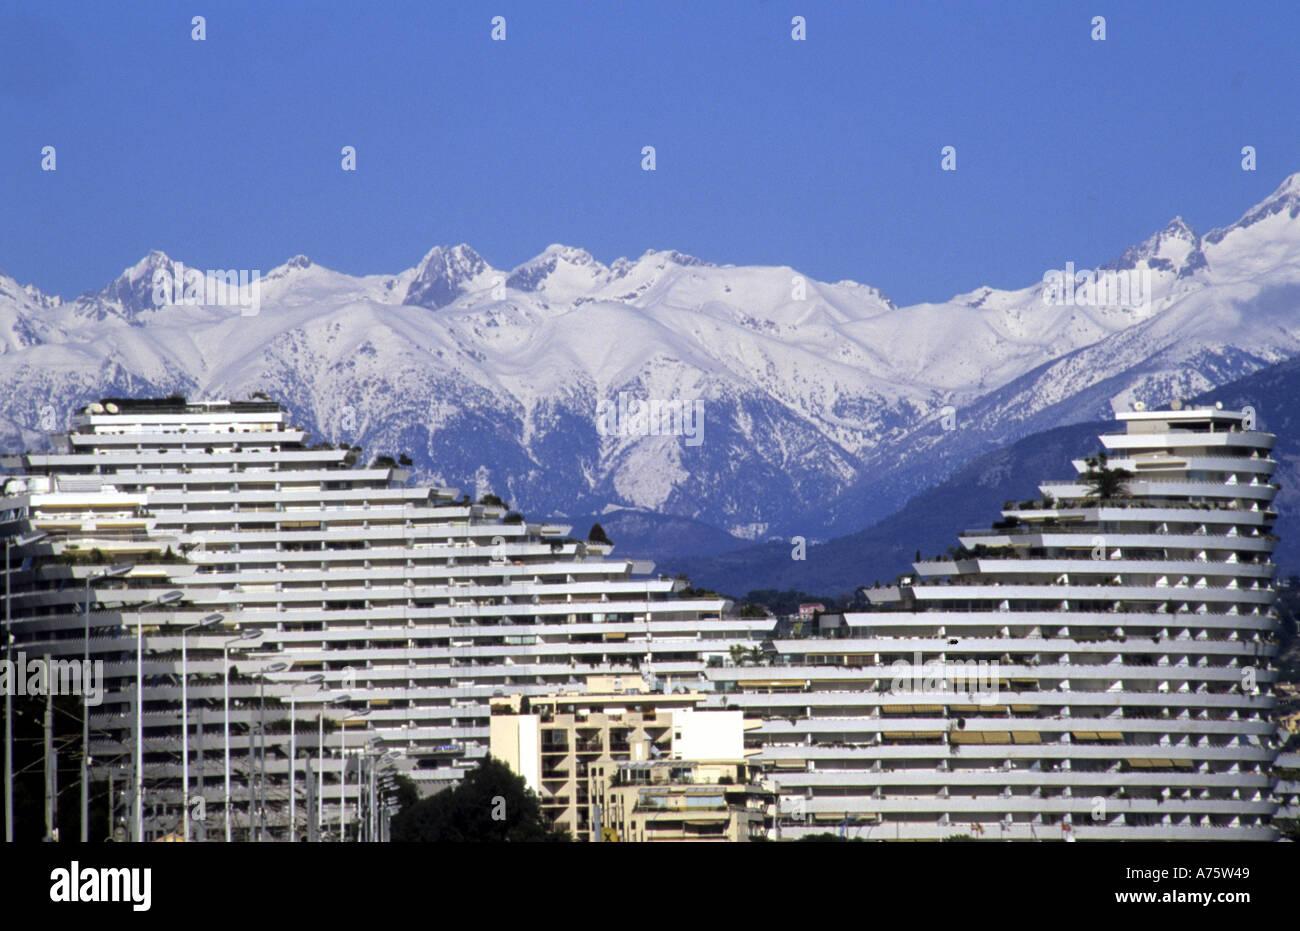 Marina baie des anges villeneuve loubet and and snow on for Piscine marina baie des anges